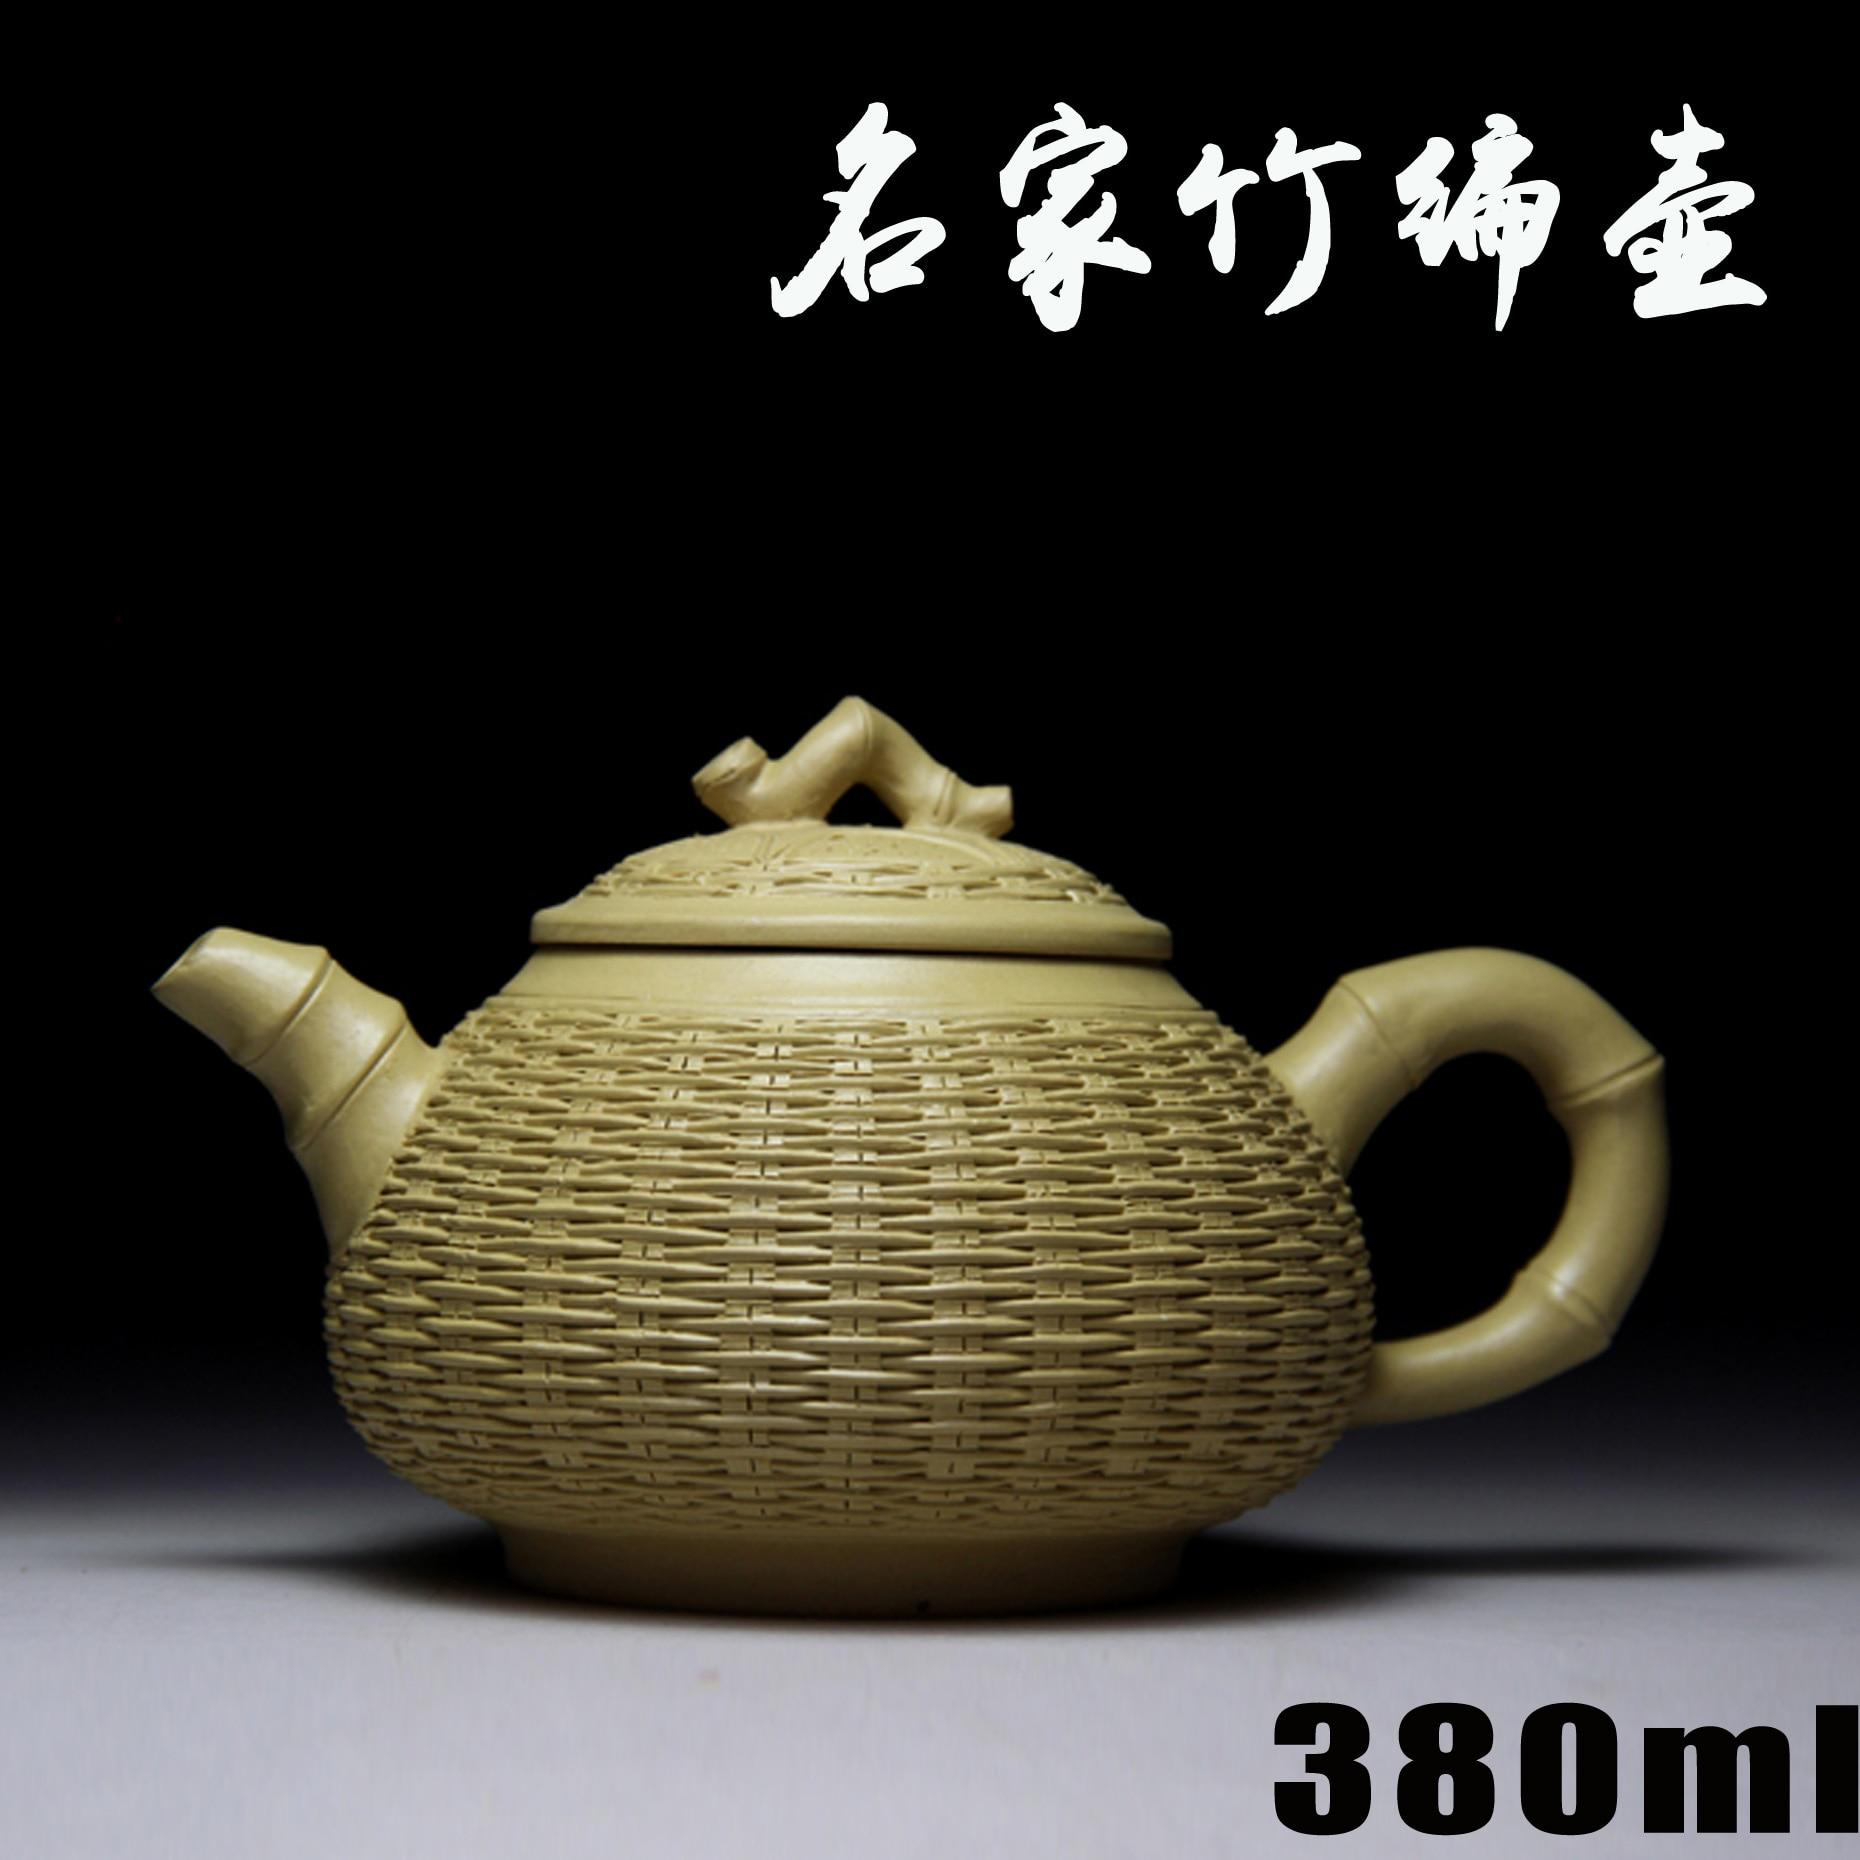 Bamboo pot authentic Yixing teapot famous handmade teapot mud famous Crafts teapot 561